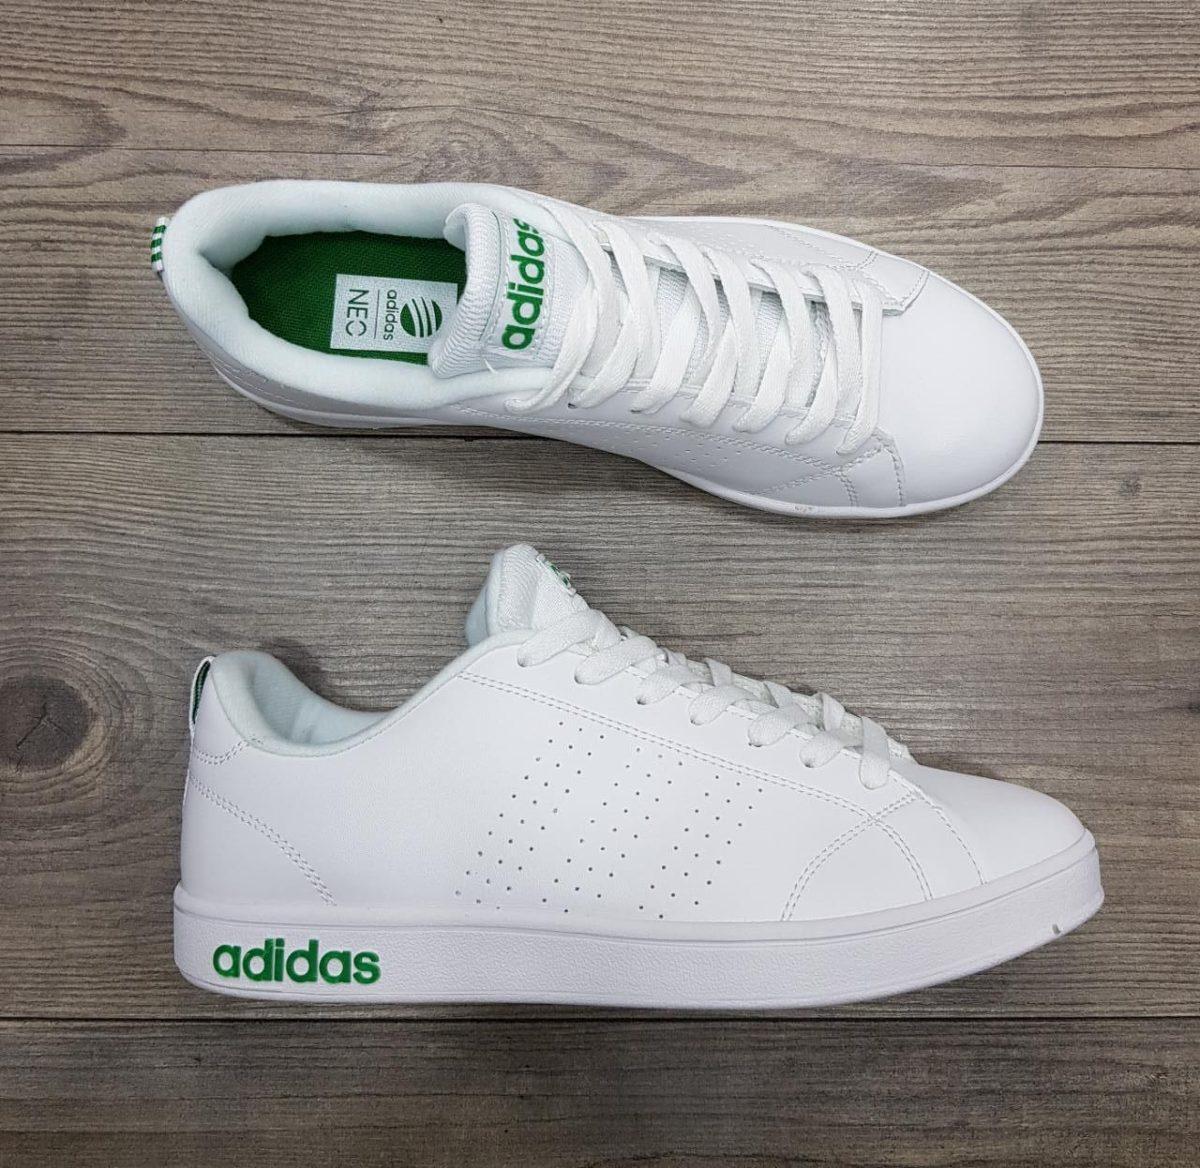 adidas neo blancas